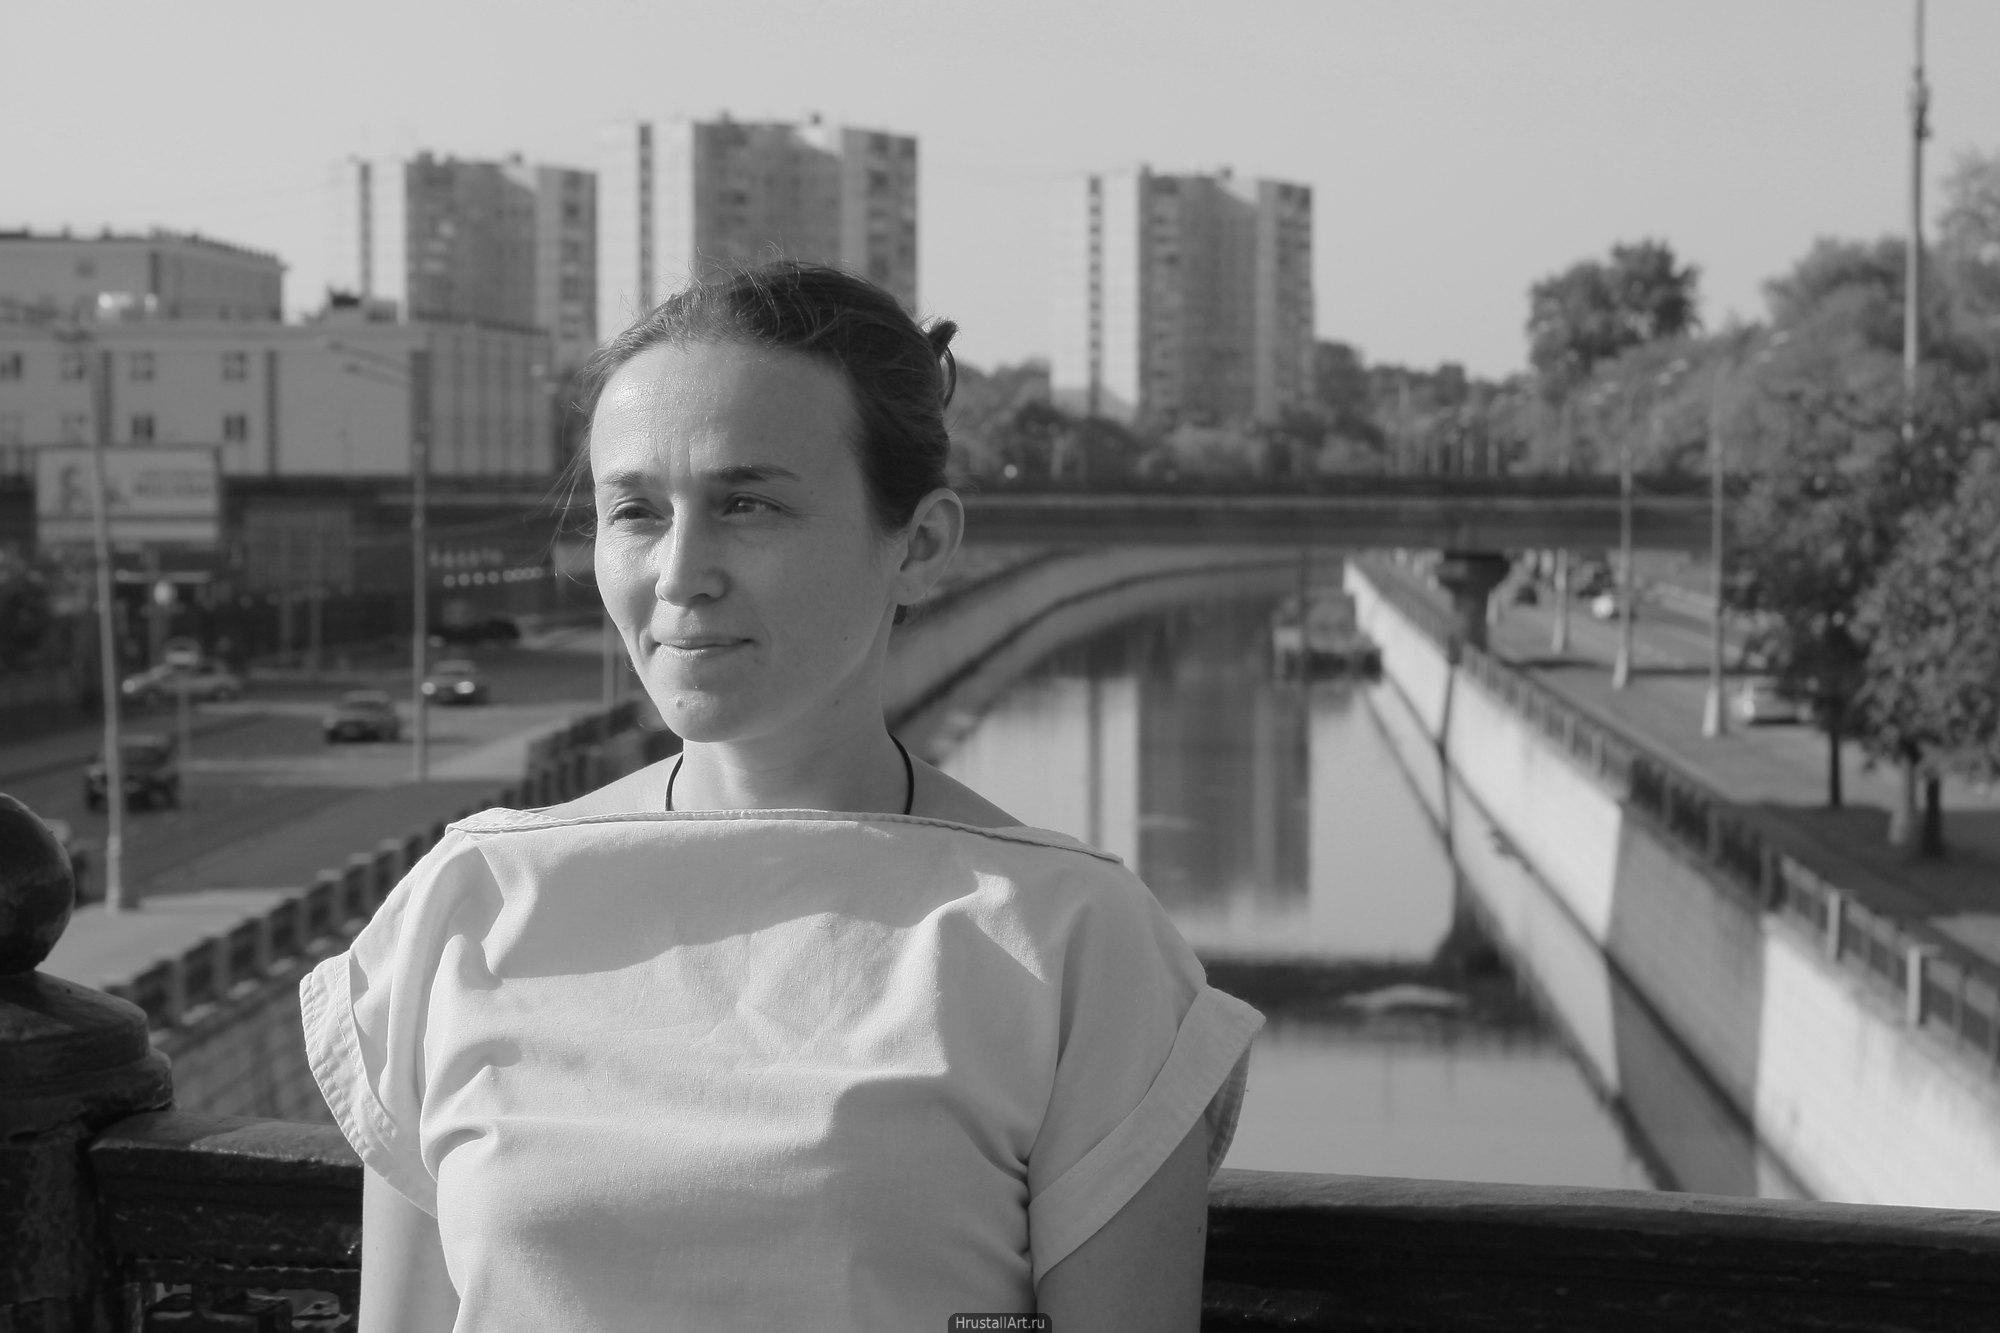 Девушка на фоне городского пейзажа с хитрым выражением лица.